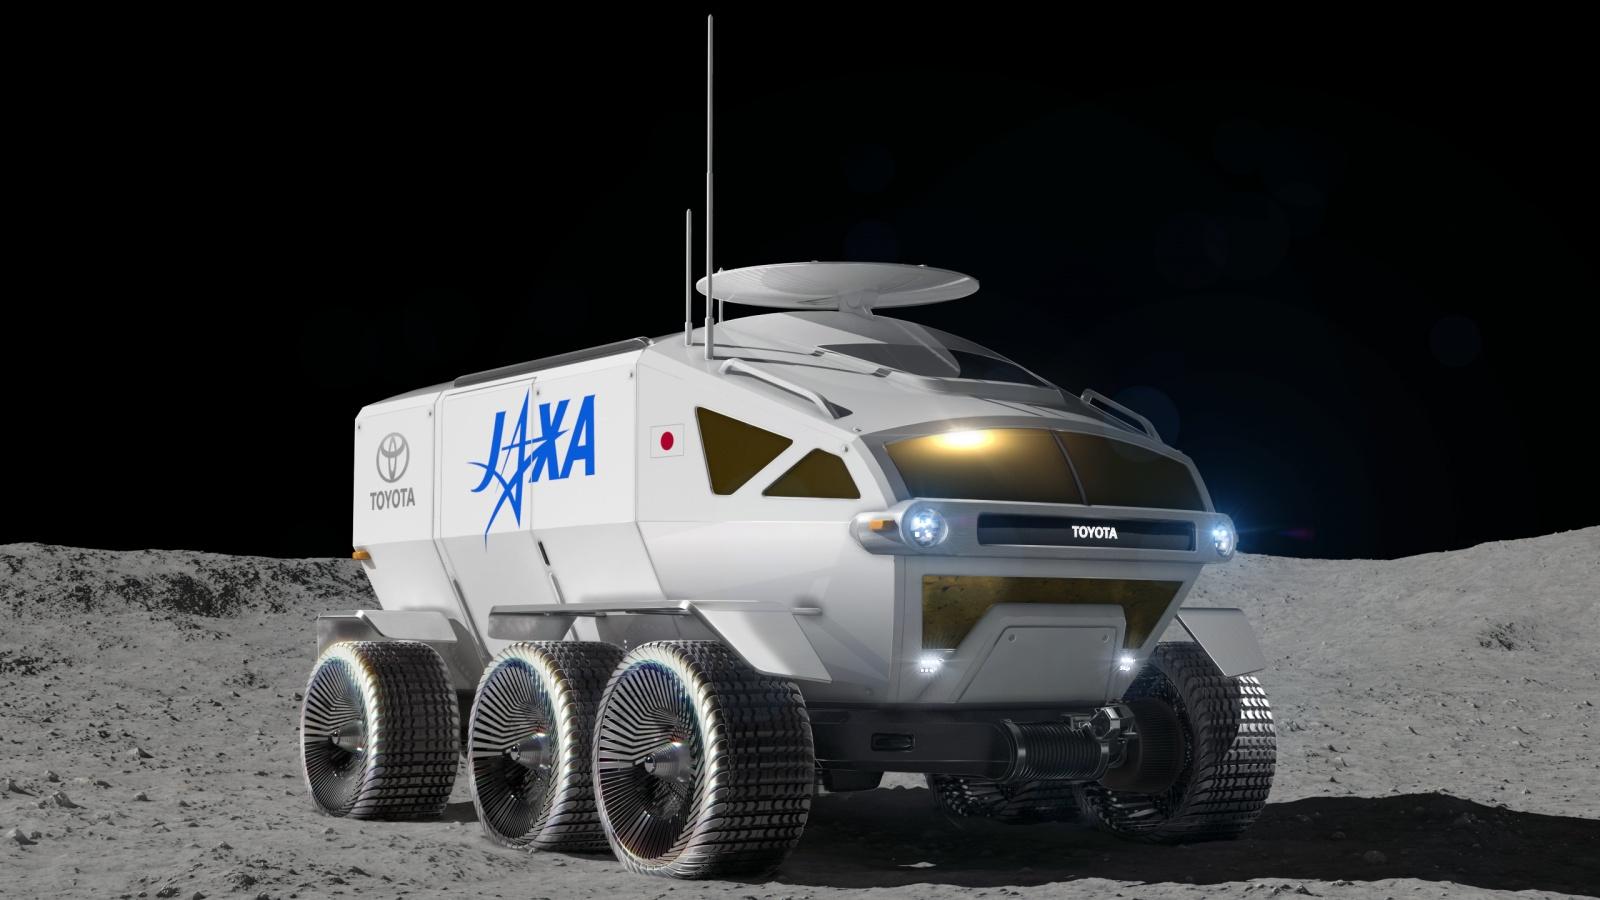 Тойота и JAXA в 2029 году планируют иметь пилотируемый ровер на Луне - 2